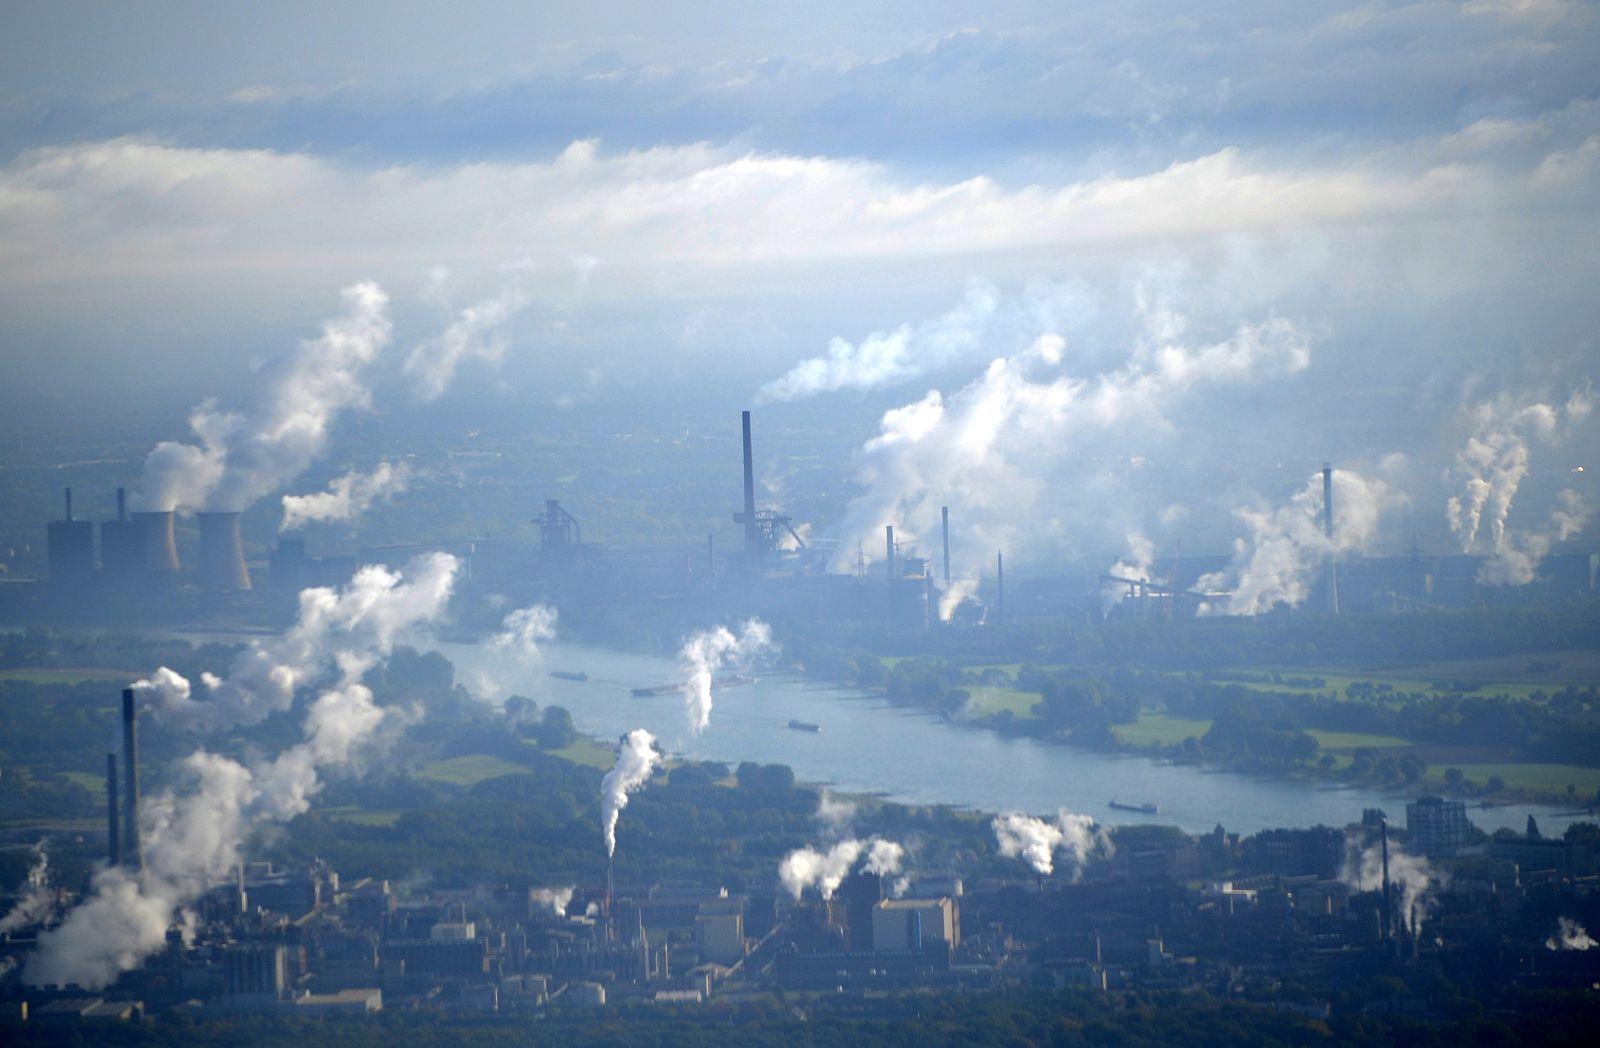 Emissionshandel - Schornsteine und Kühltürme